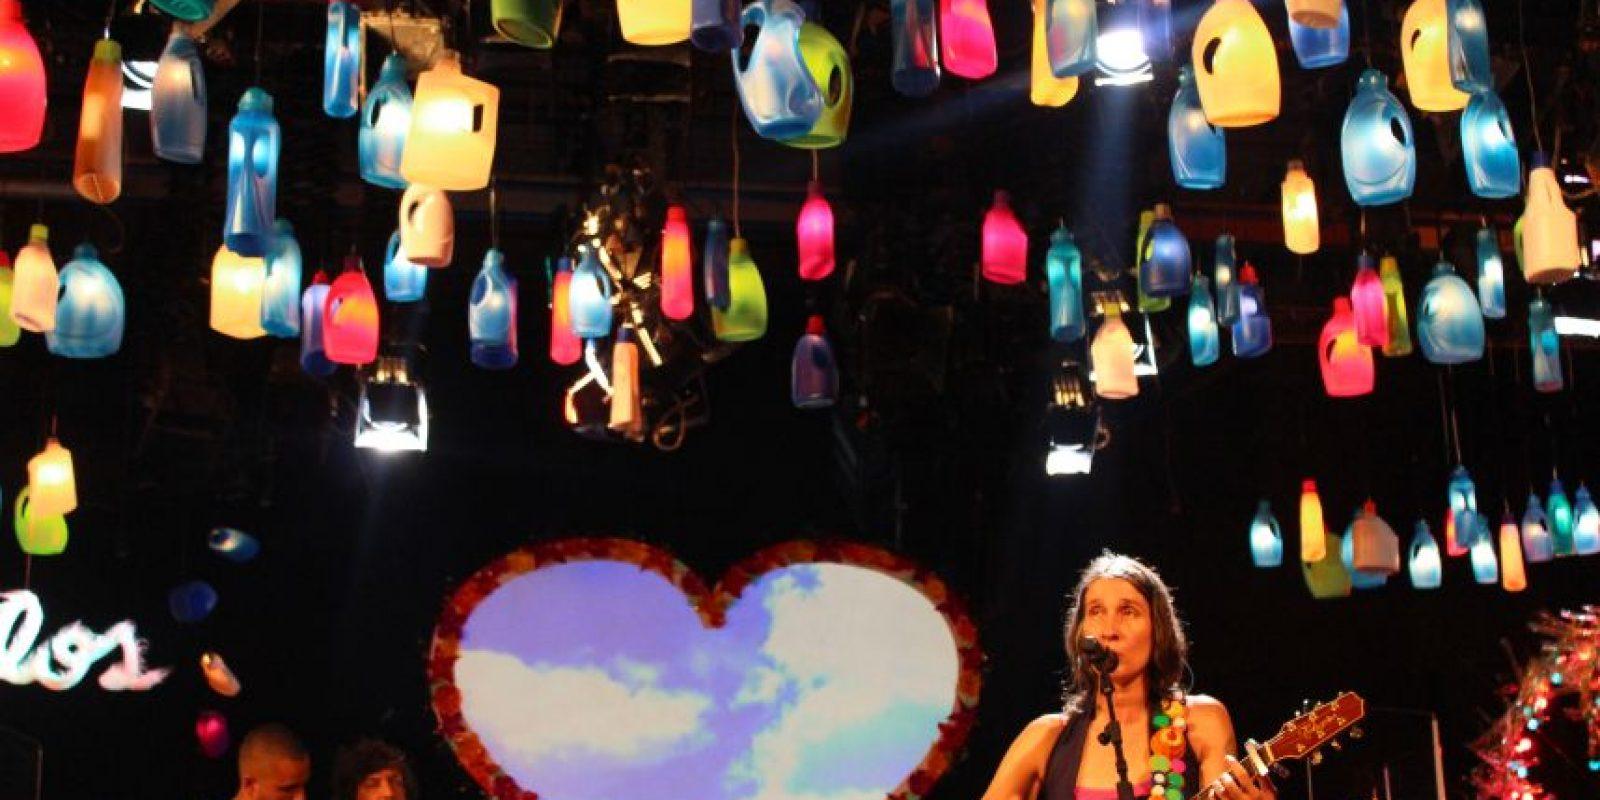 """La banda ya había mostrado en su trabajo 'Caribe Atómico' una fuerte apuesta por el reciclaje. Sin embargo, con 'Reluciente, Rechinante y Aterciopelado', los objetos hechos con """"basuritas"""", como la misma Andrea los describe, se roban la atención, especialmente las miles de botellas de plástico que iluminaron el escenario. Foto:Cortesía"""